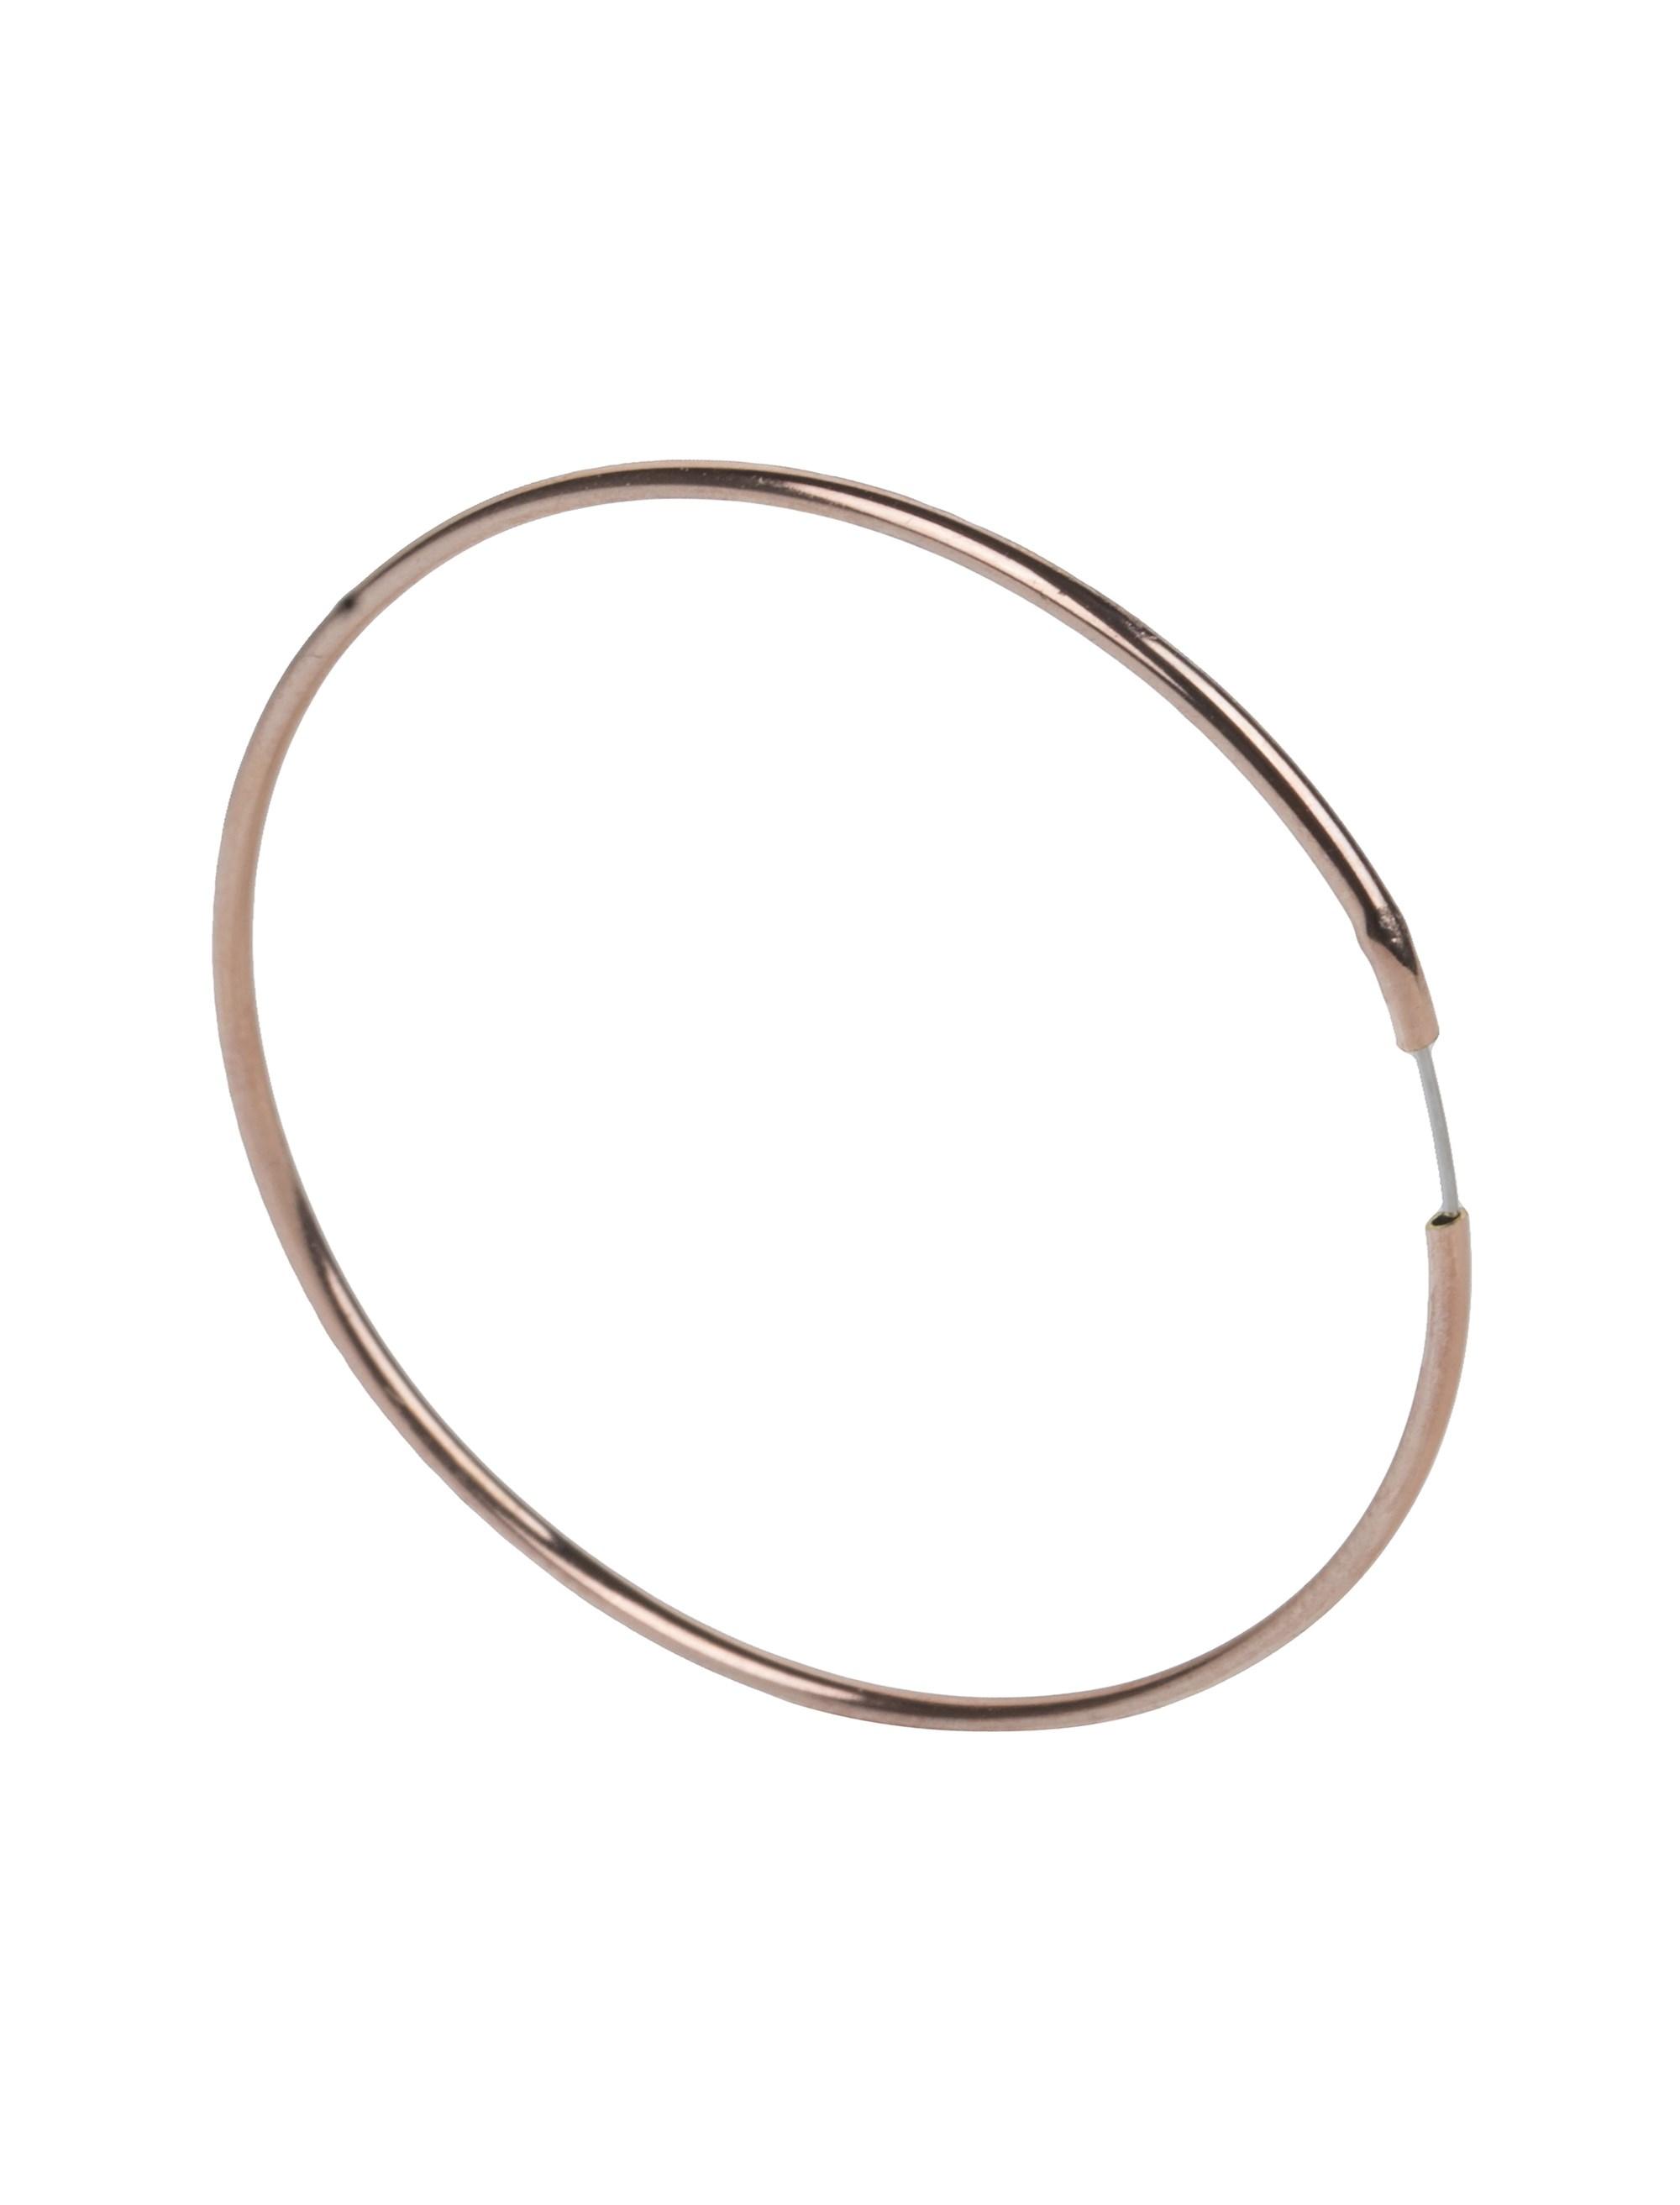 قیمت گوشواره حلقه ای زنانه - اکسسوریز